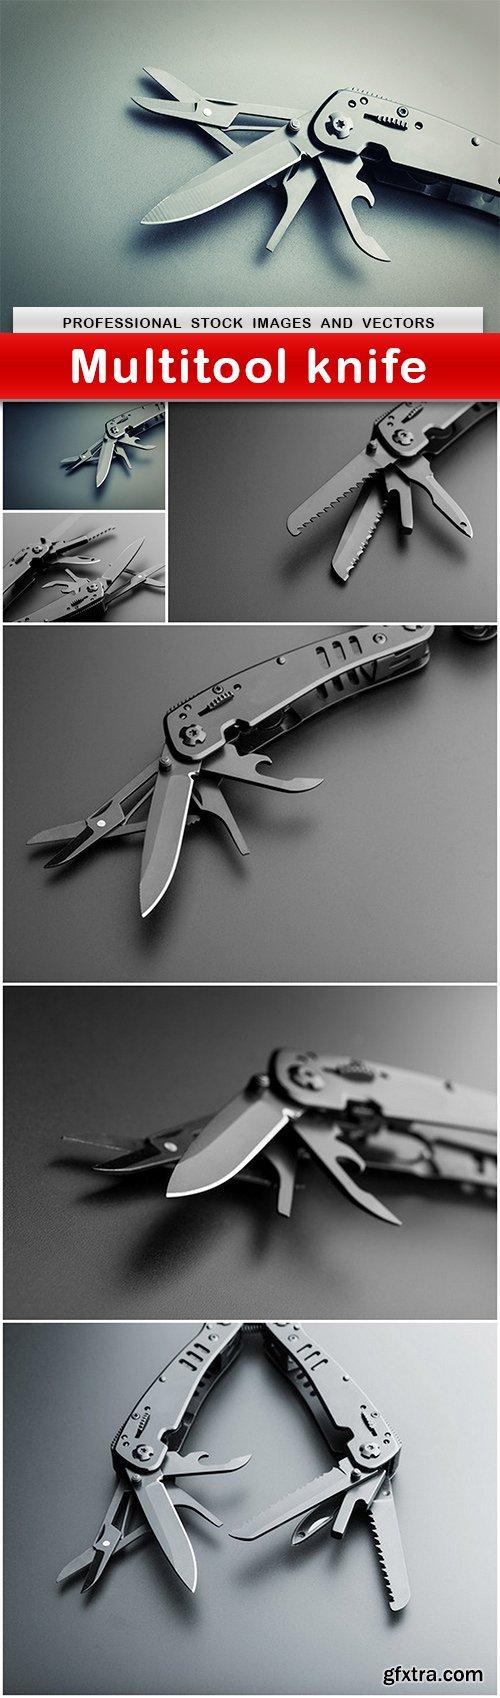 Multitool knife - 7 UHQ JPEG